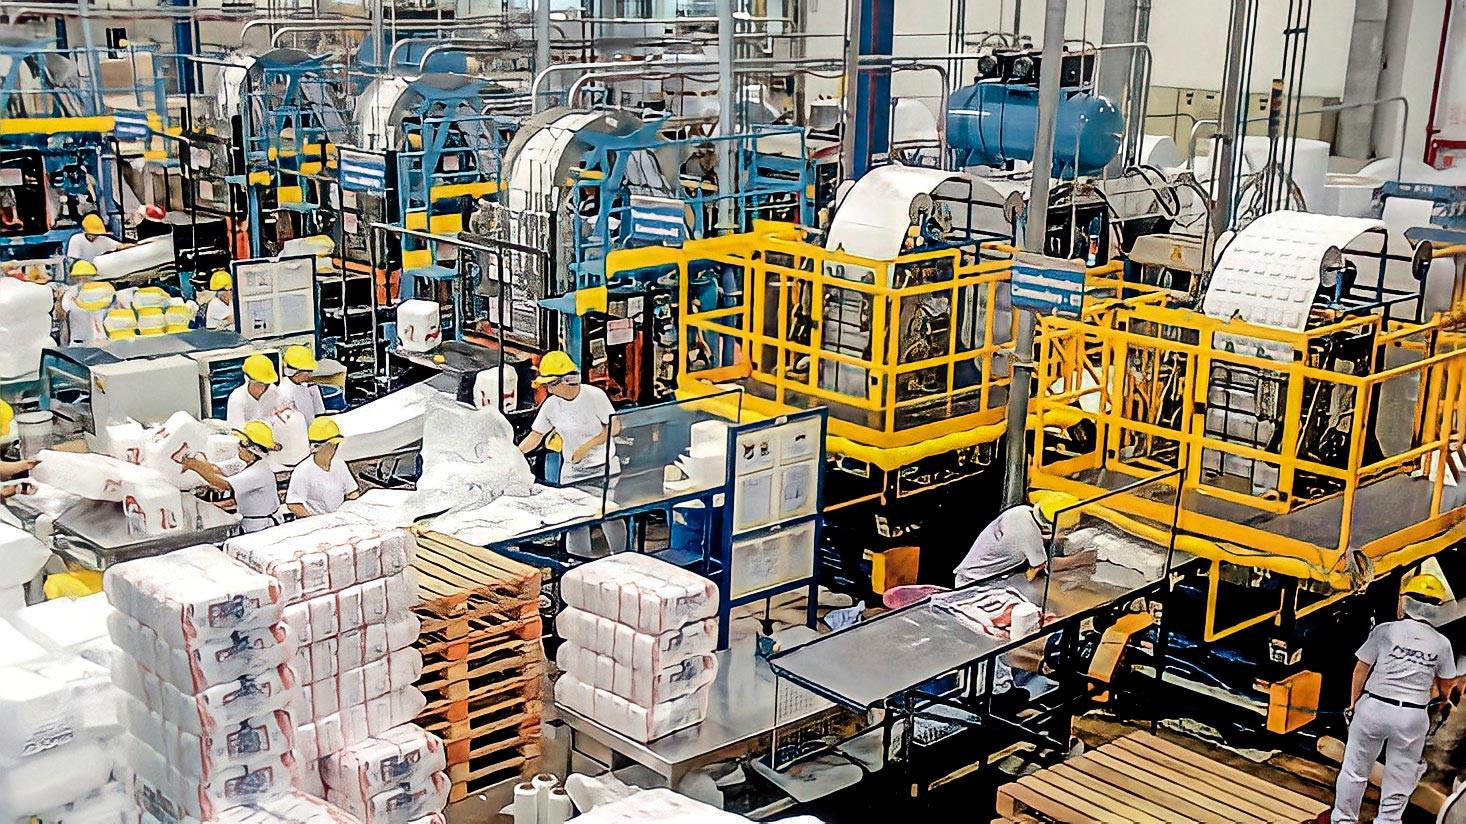 <p>Foco en Pamolsa, proveedor de empaques y envases para empresas como KFC, Norky's y Camposol</p>